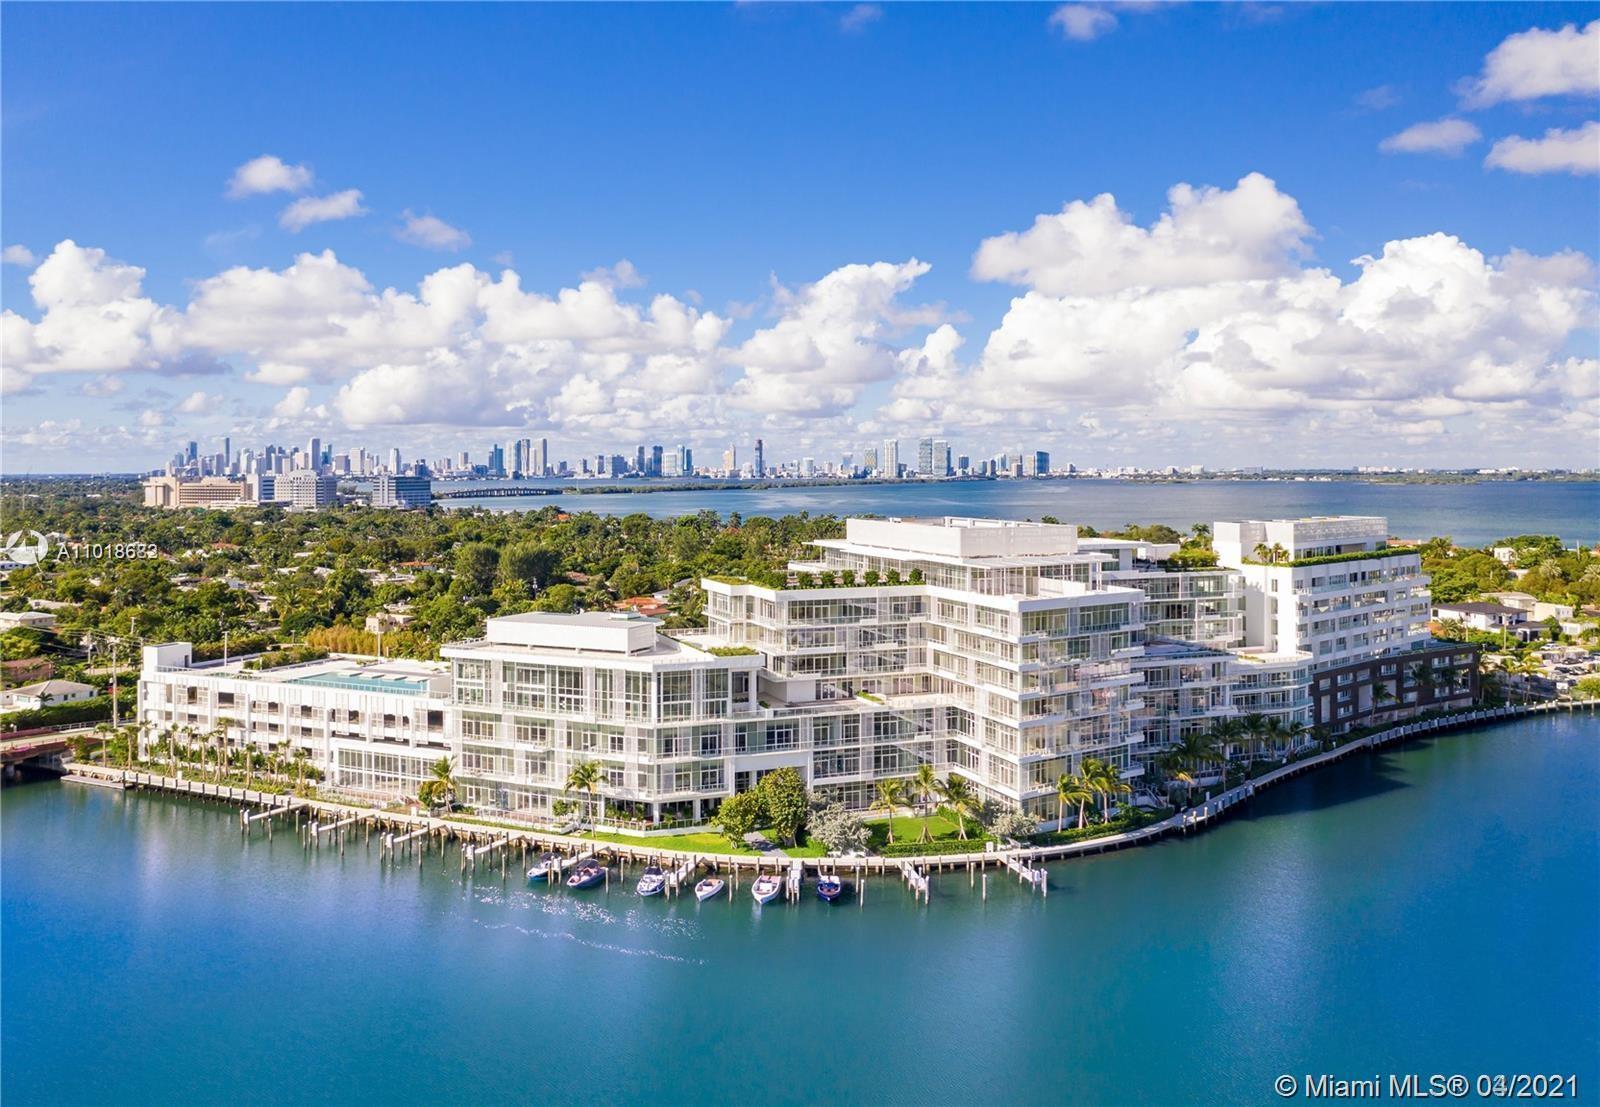 Nautilus - 4710 N meridian, Miami Beach, FL 33140